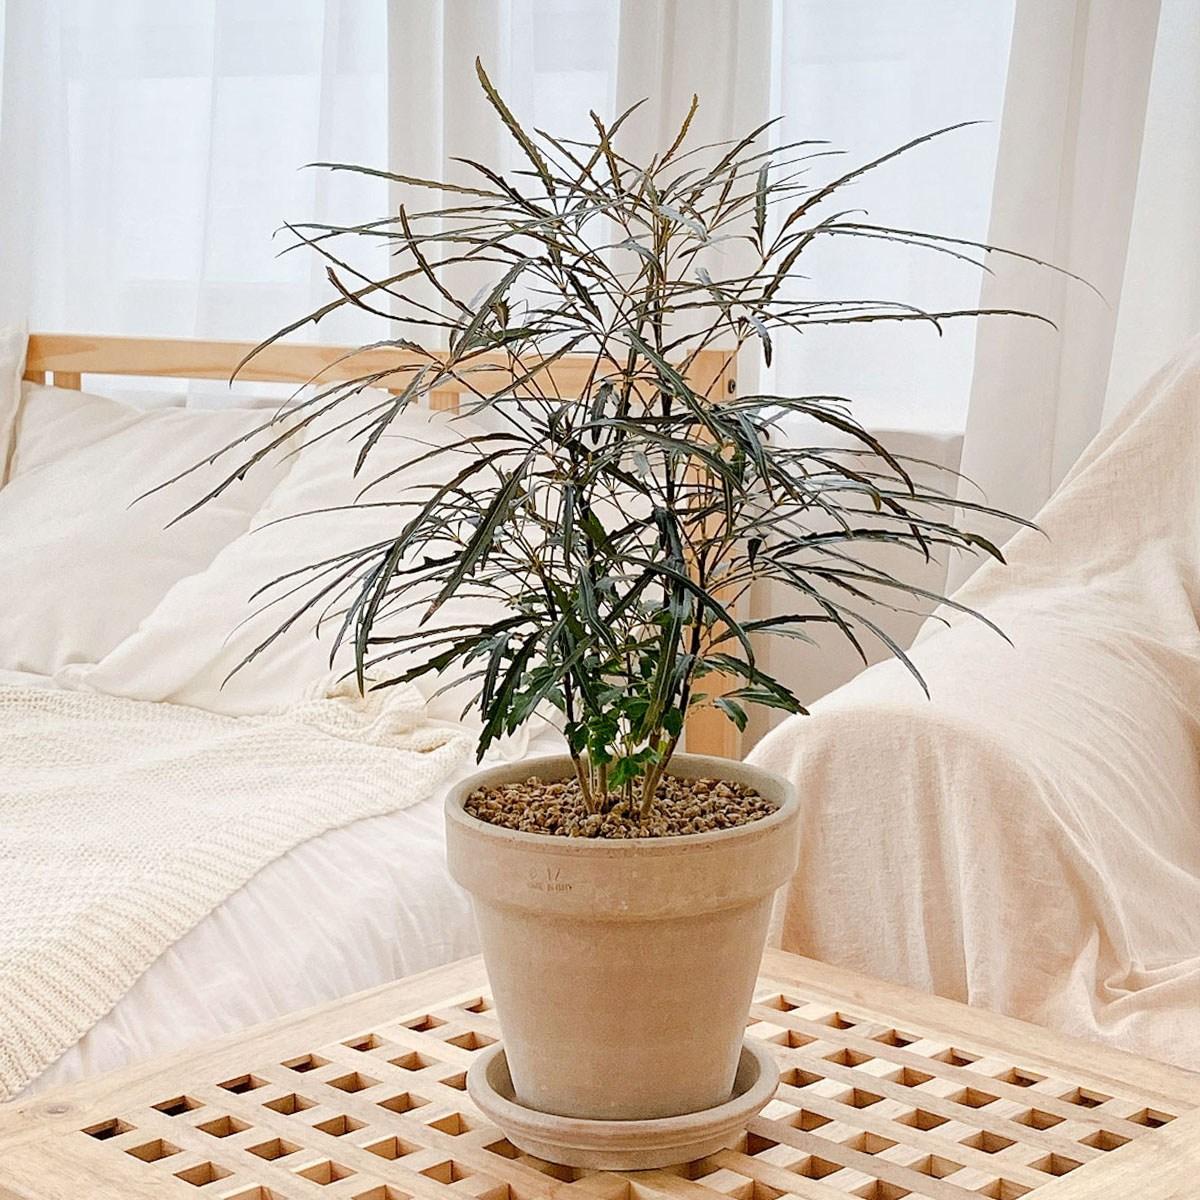 아랄리아 아라리오 집에서키우기쉬운 좋은 그늘에서잘자라는 반음지 공기정화식물 집들이 개업 선물 인테리어식물, 선택안함(모종)